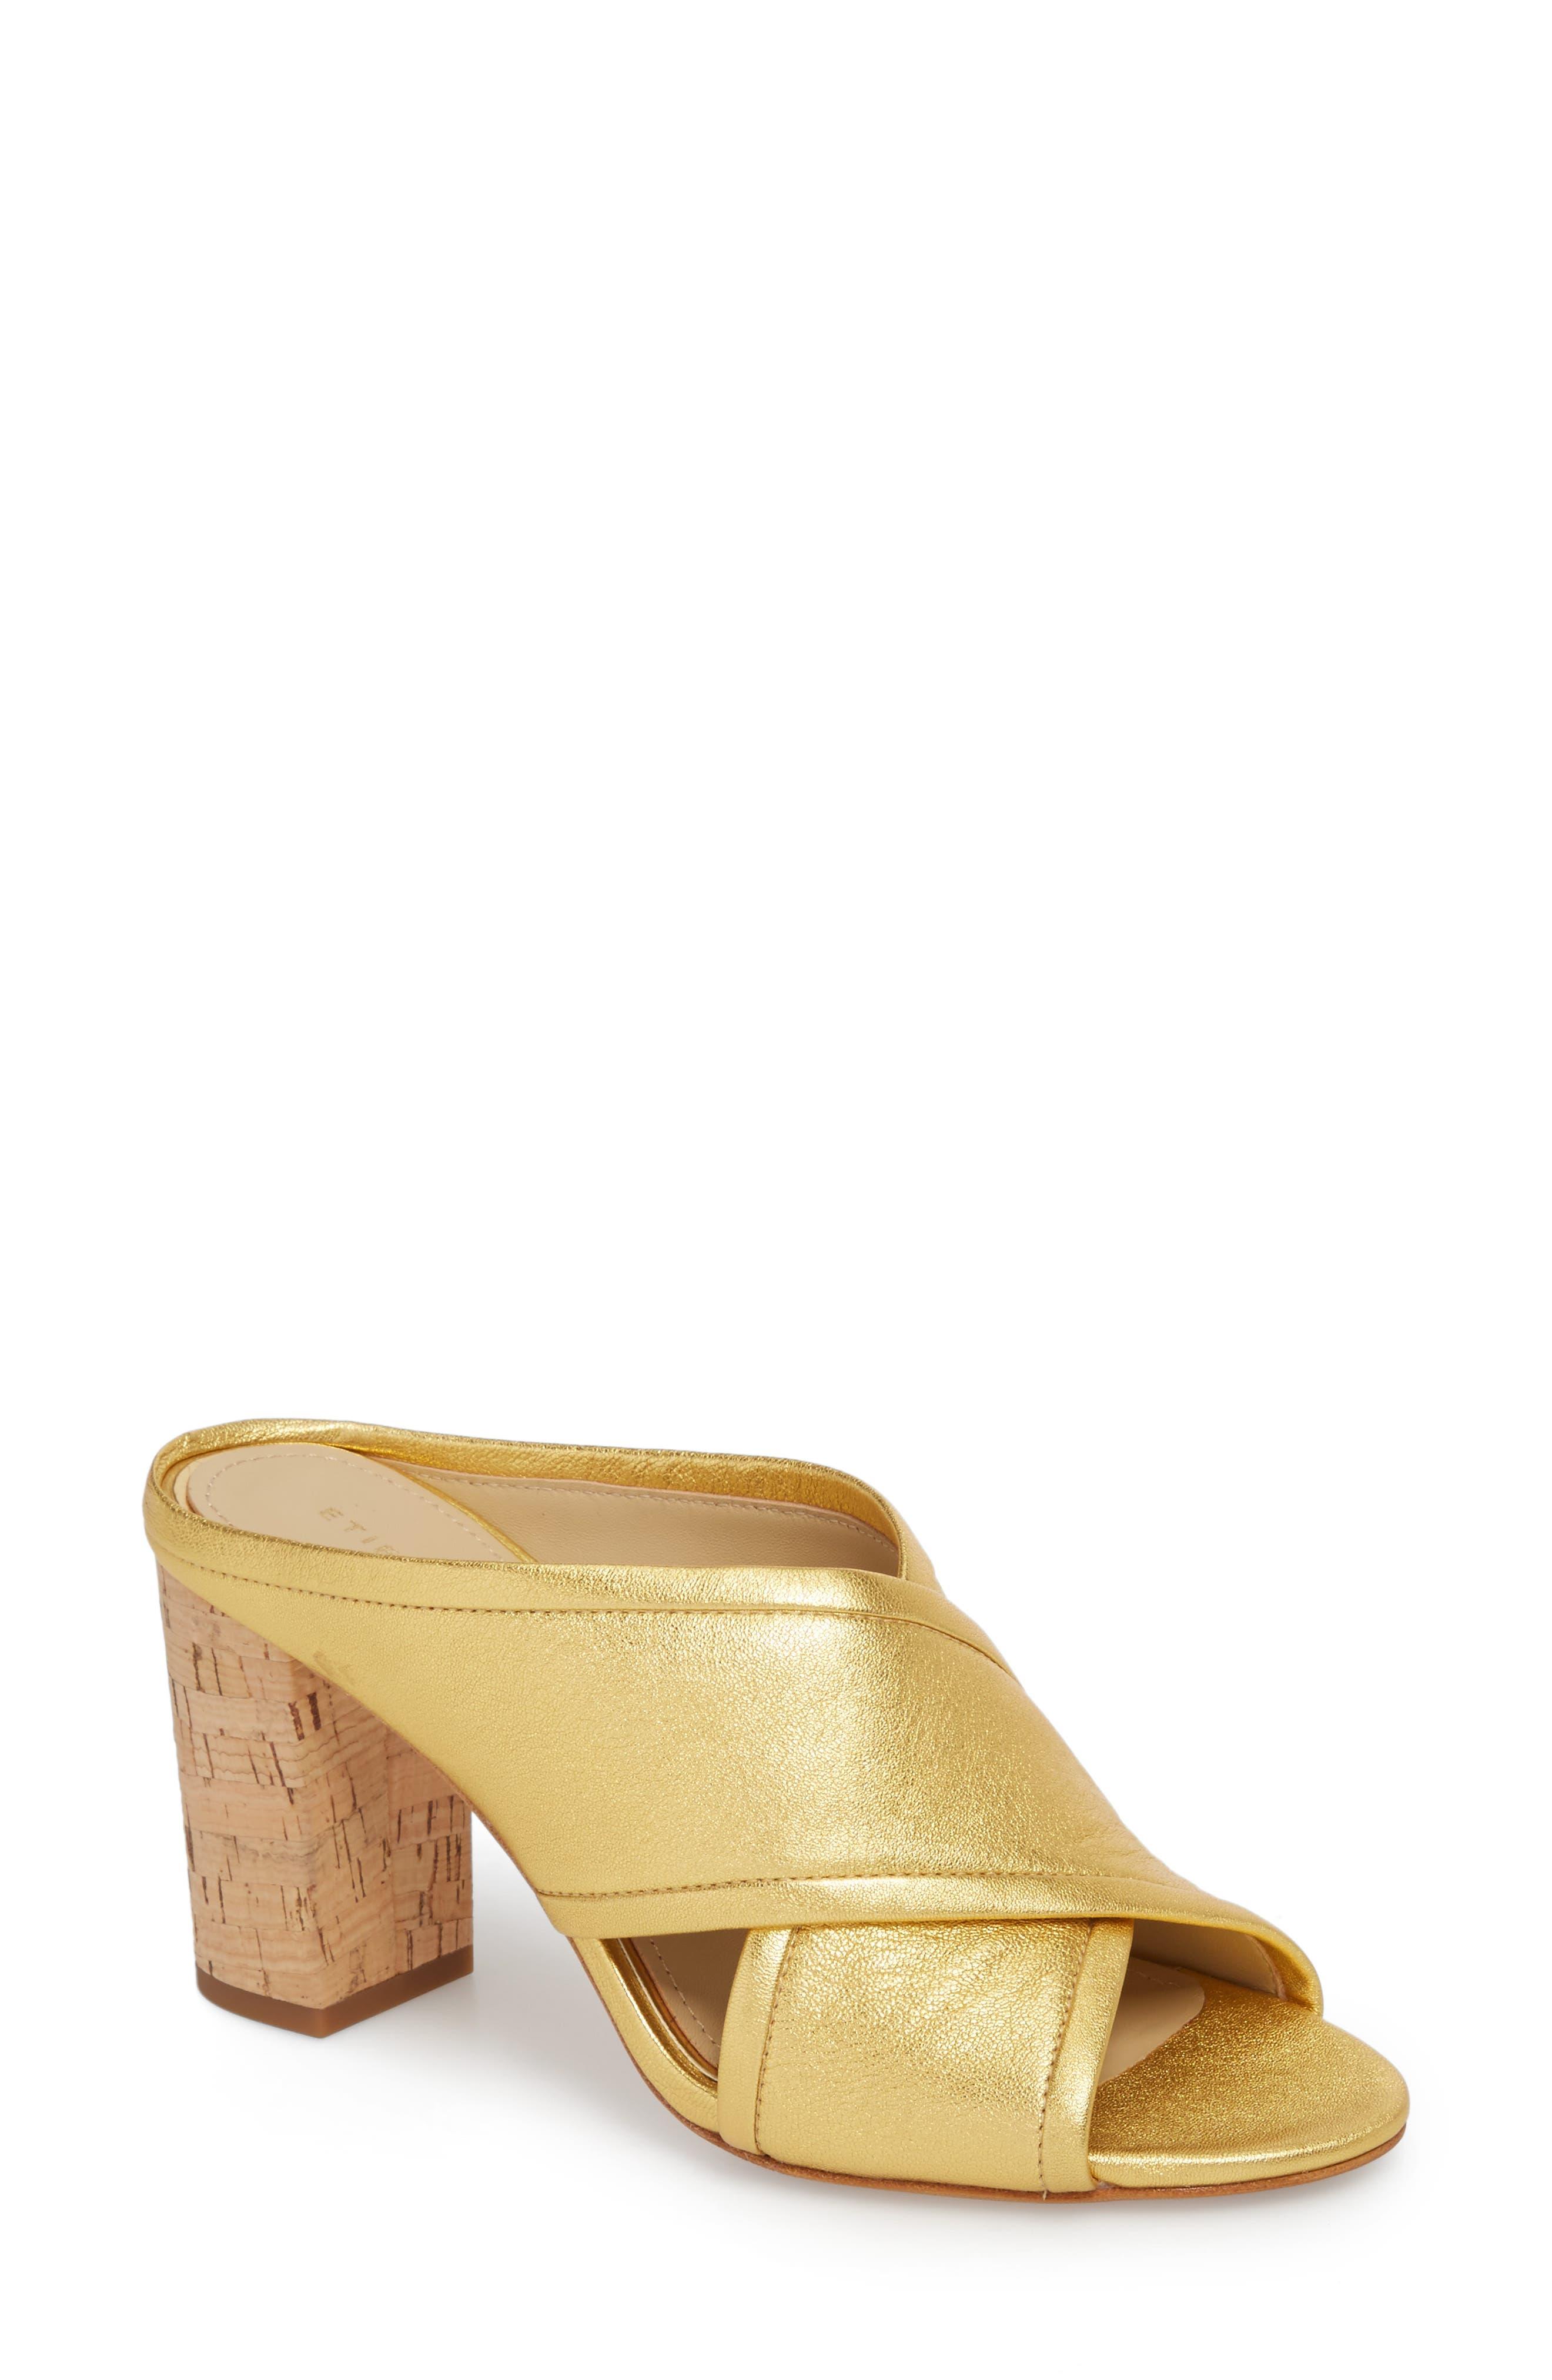 Aigner Women's Lido Sandal PPE0t4A